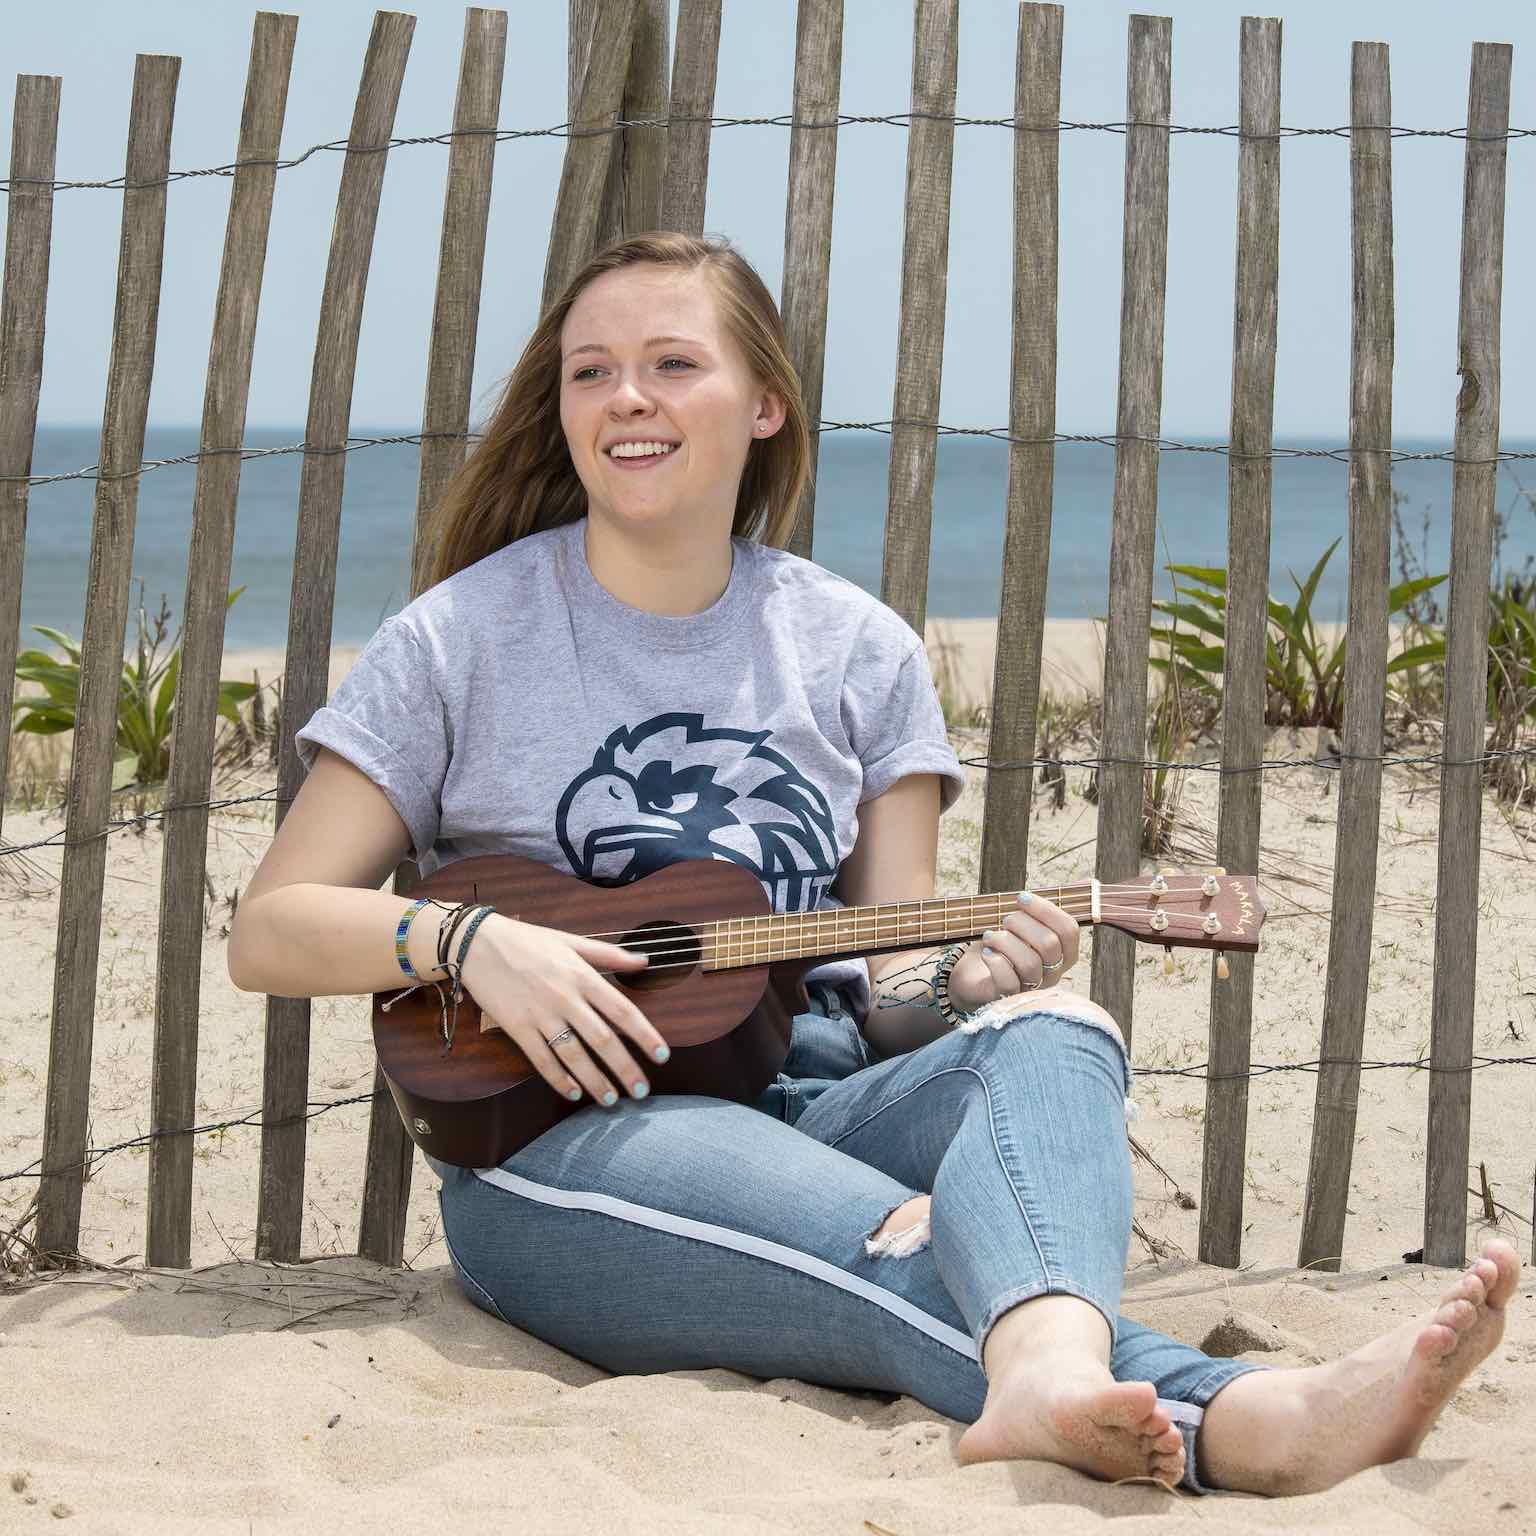 Mikaela McDonough sitting on the beach, playing a ukulele.